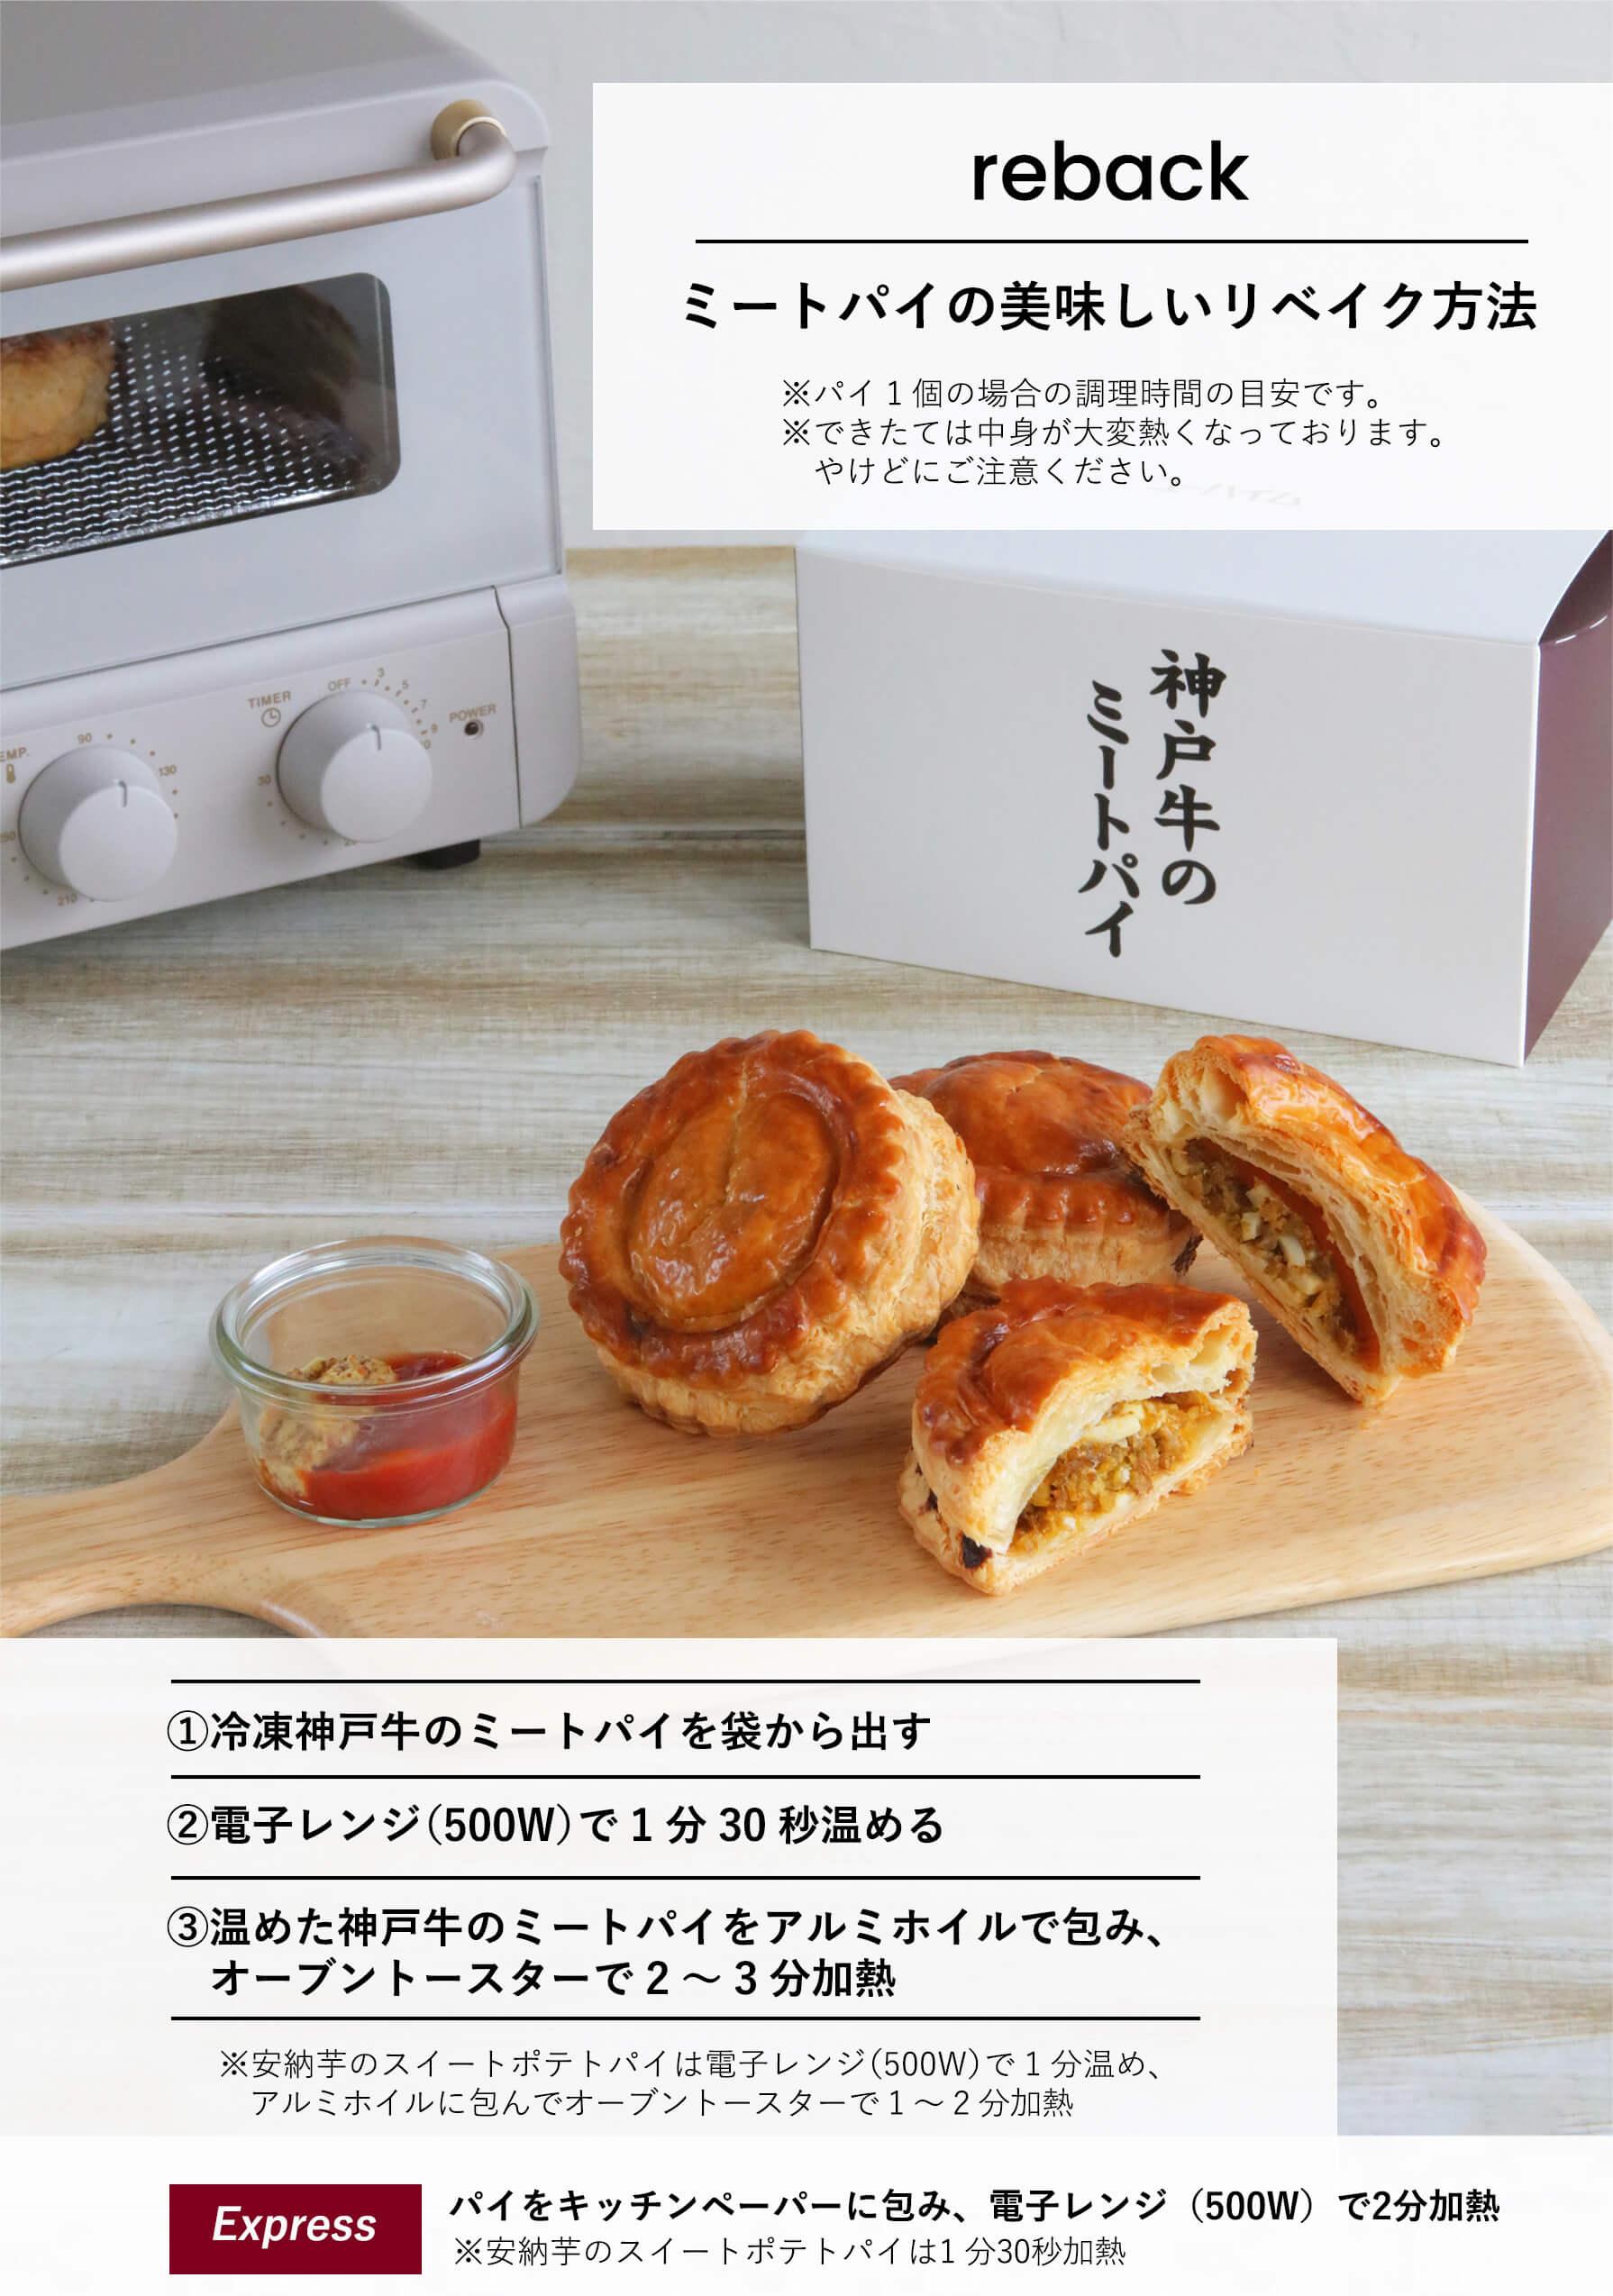 神戸牛のミートパイ食べ方